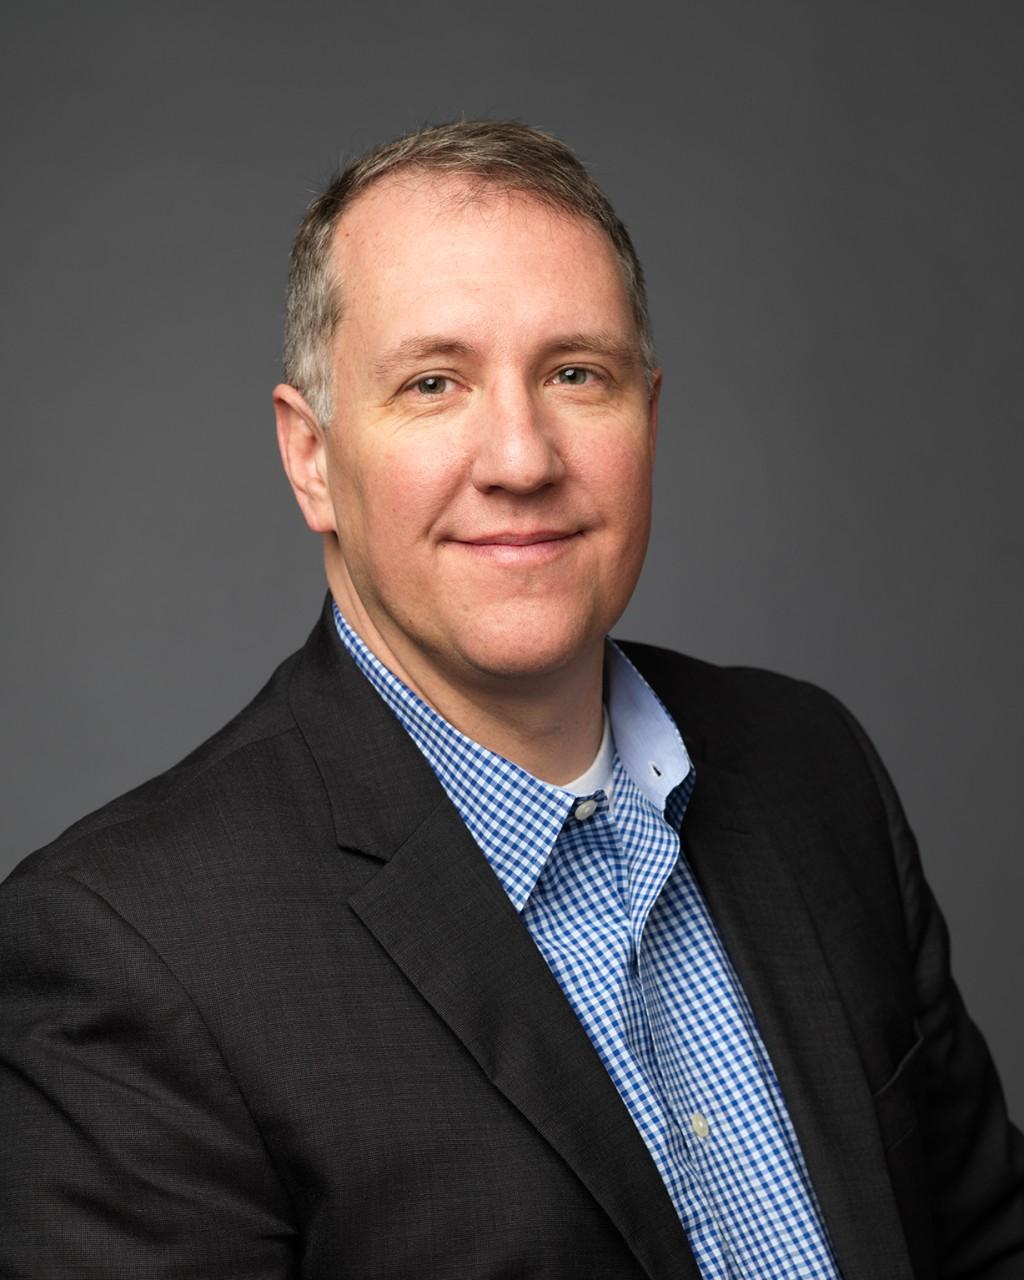 Headshot of Mark Godsey